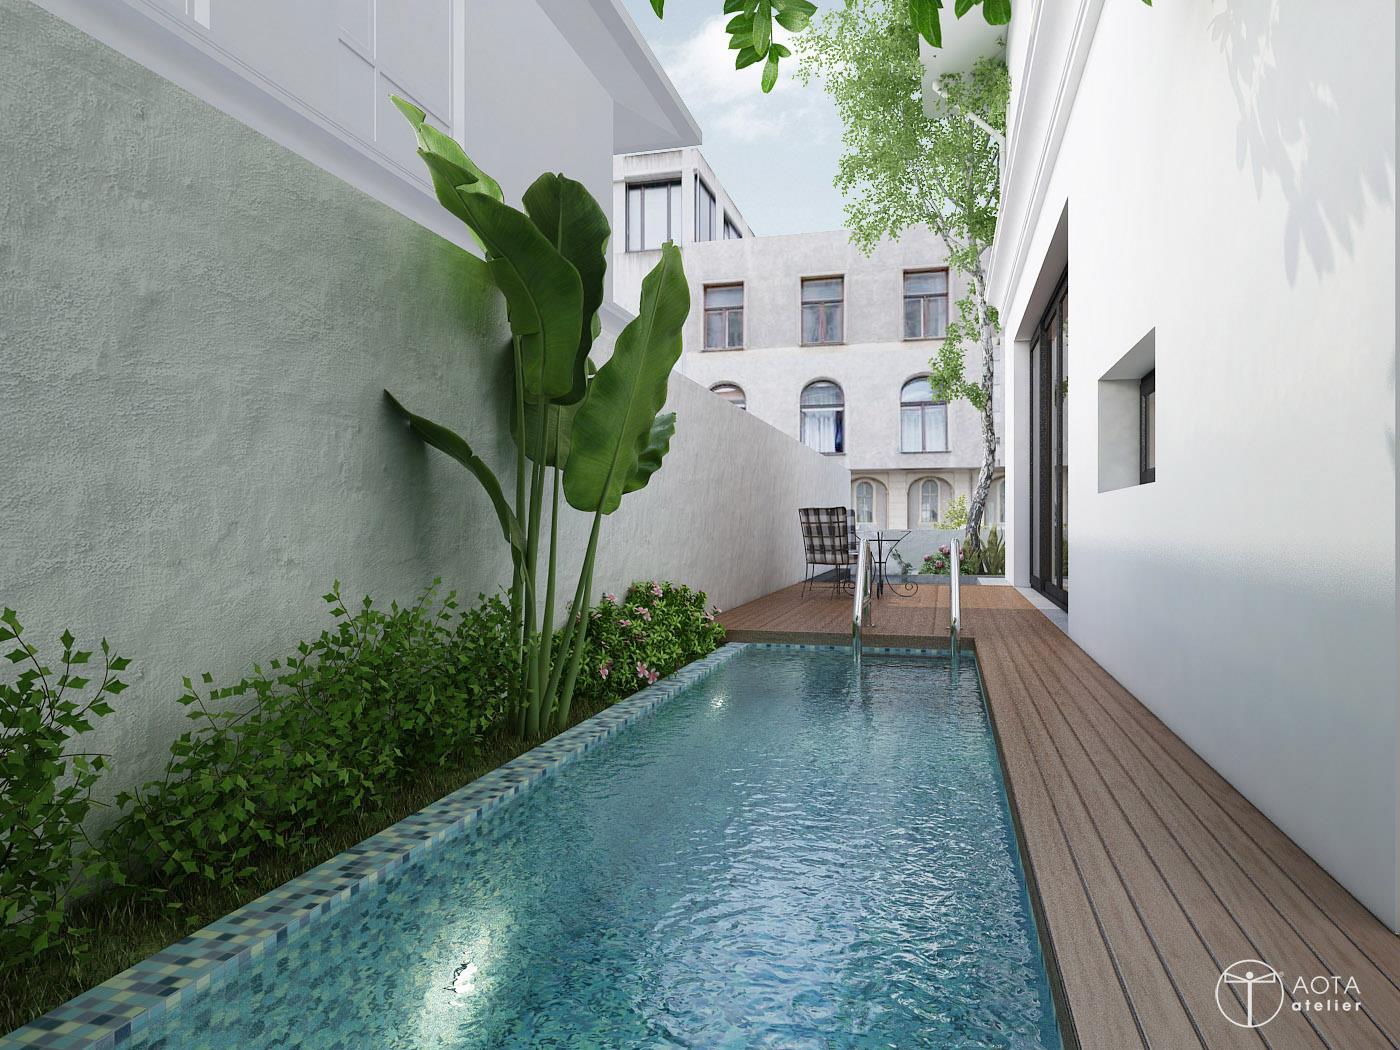 Mẫu thiết kế biệt thự tân cổ điển đẹp mê mẩn ở khu Vườn Tùng Villa Ecopark - Nhà Đẹp Số (7)